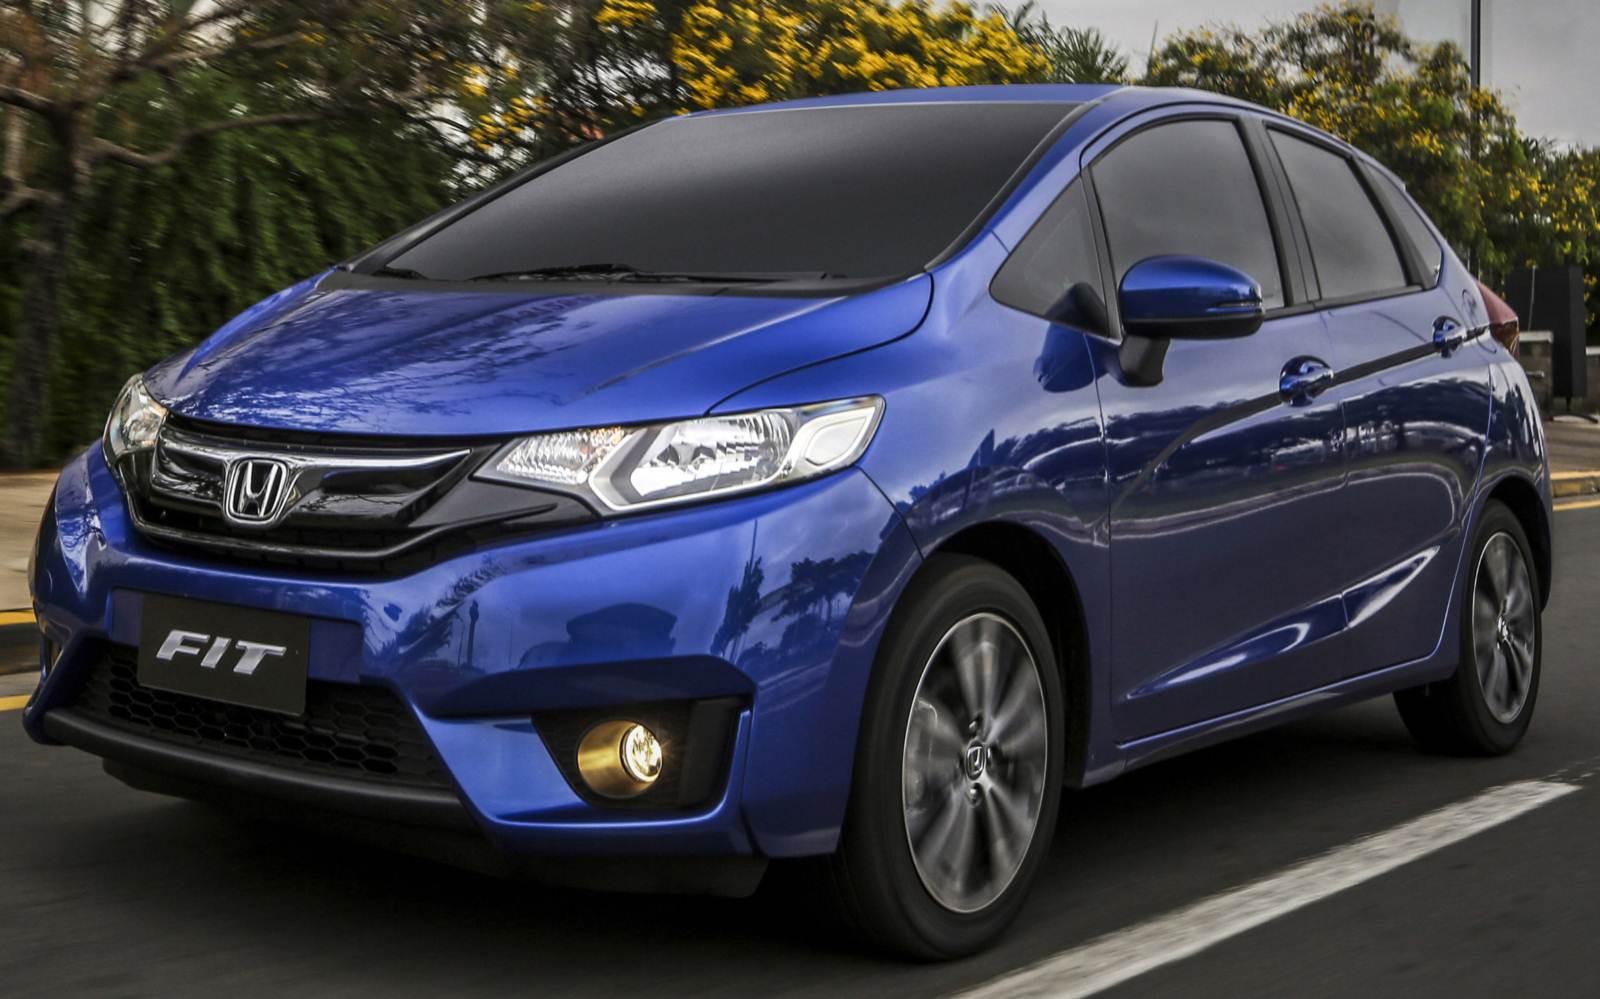 Honda Fit 2015: Um dos carros usados mais bem-vistos no mercado brasileiro